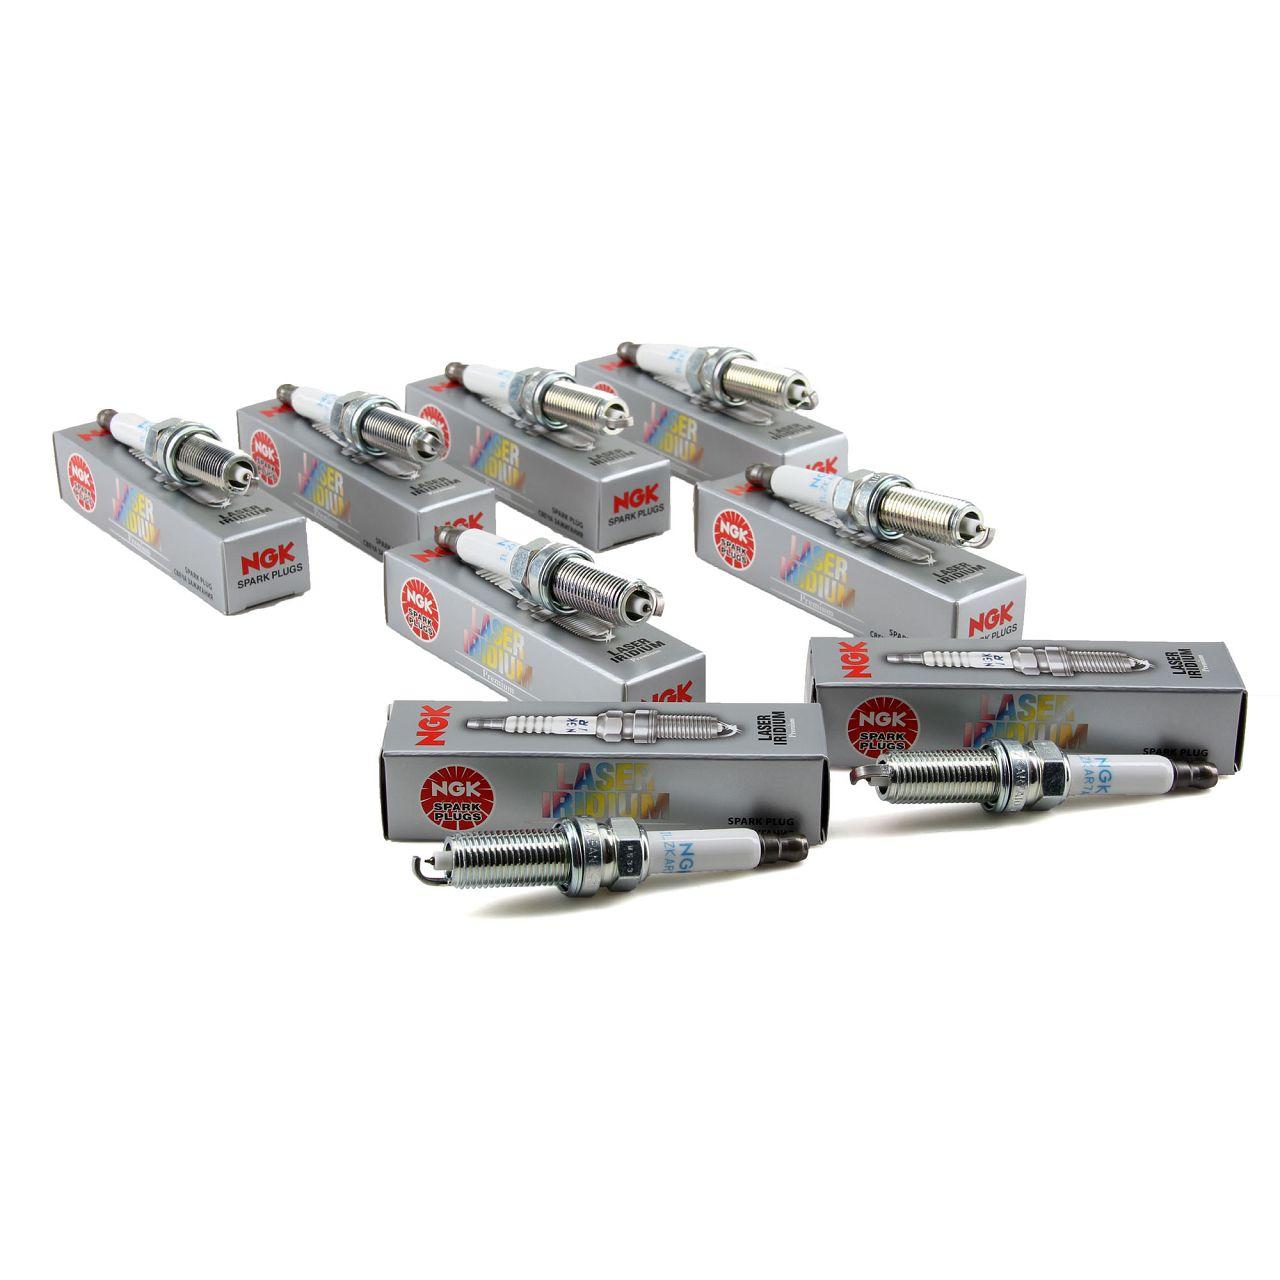 8x NGK Zündkerzen Set Laser Iridium 6043 ILZKAR7A-10 für Mercedes 63 AMG Modelle